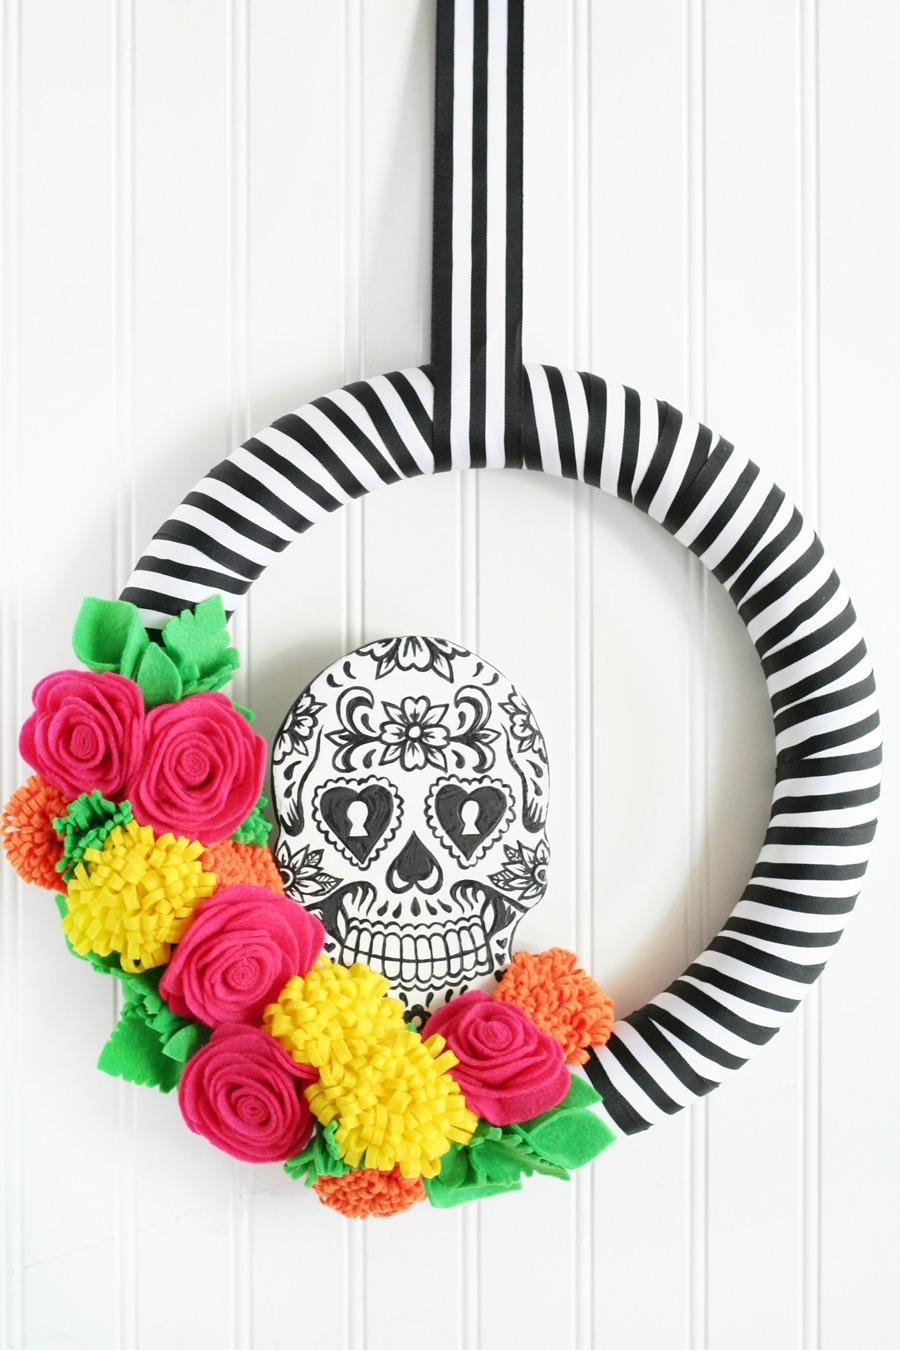 Corona de día de muertos, con calavera y flores de colores